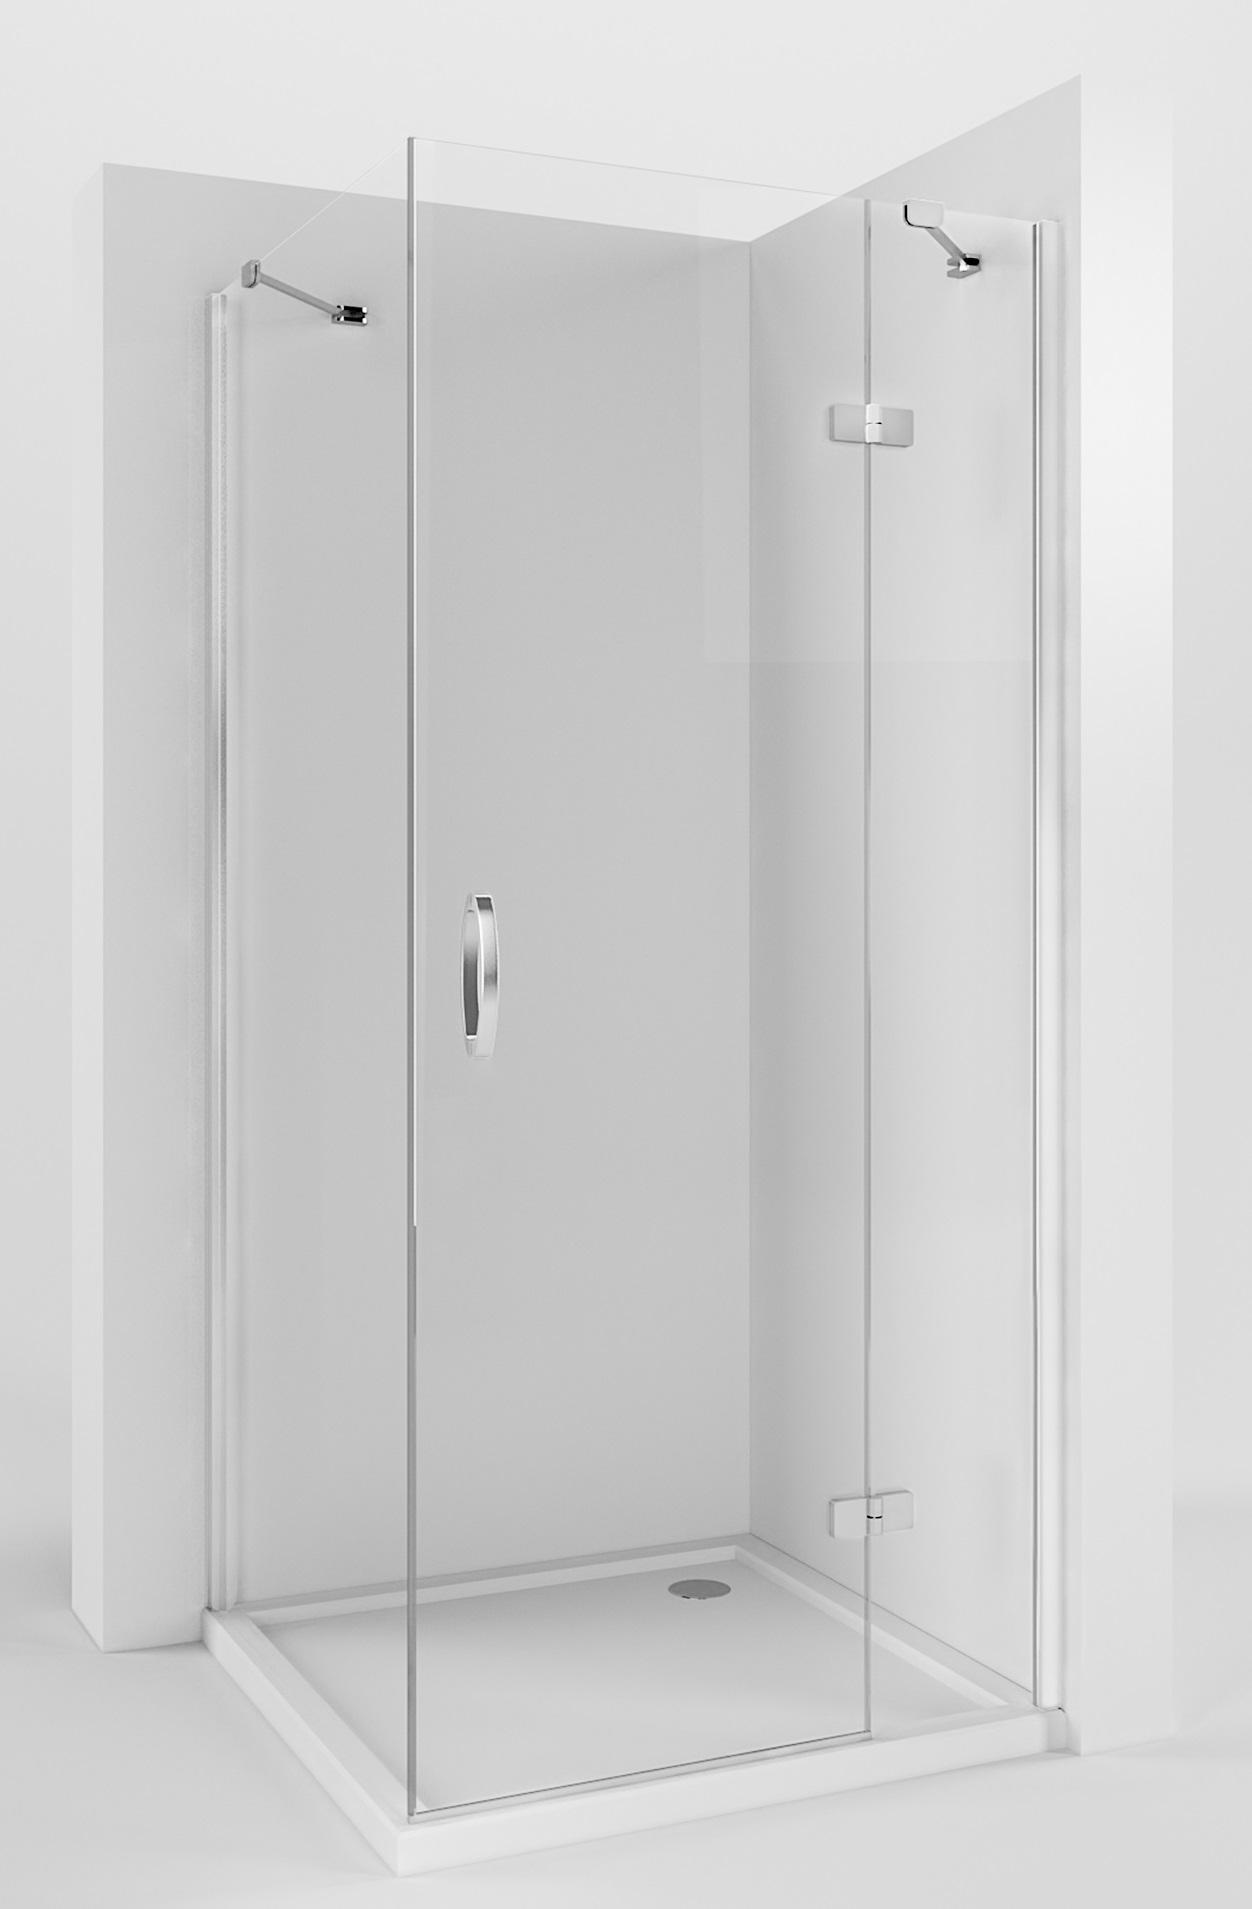 Huppe Aura Kabina 90x90cm Drzwi P ściana Powłoka